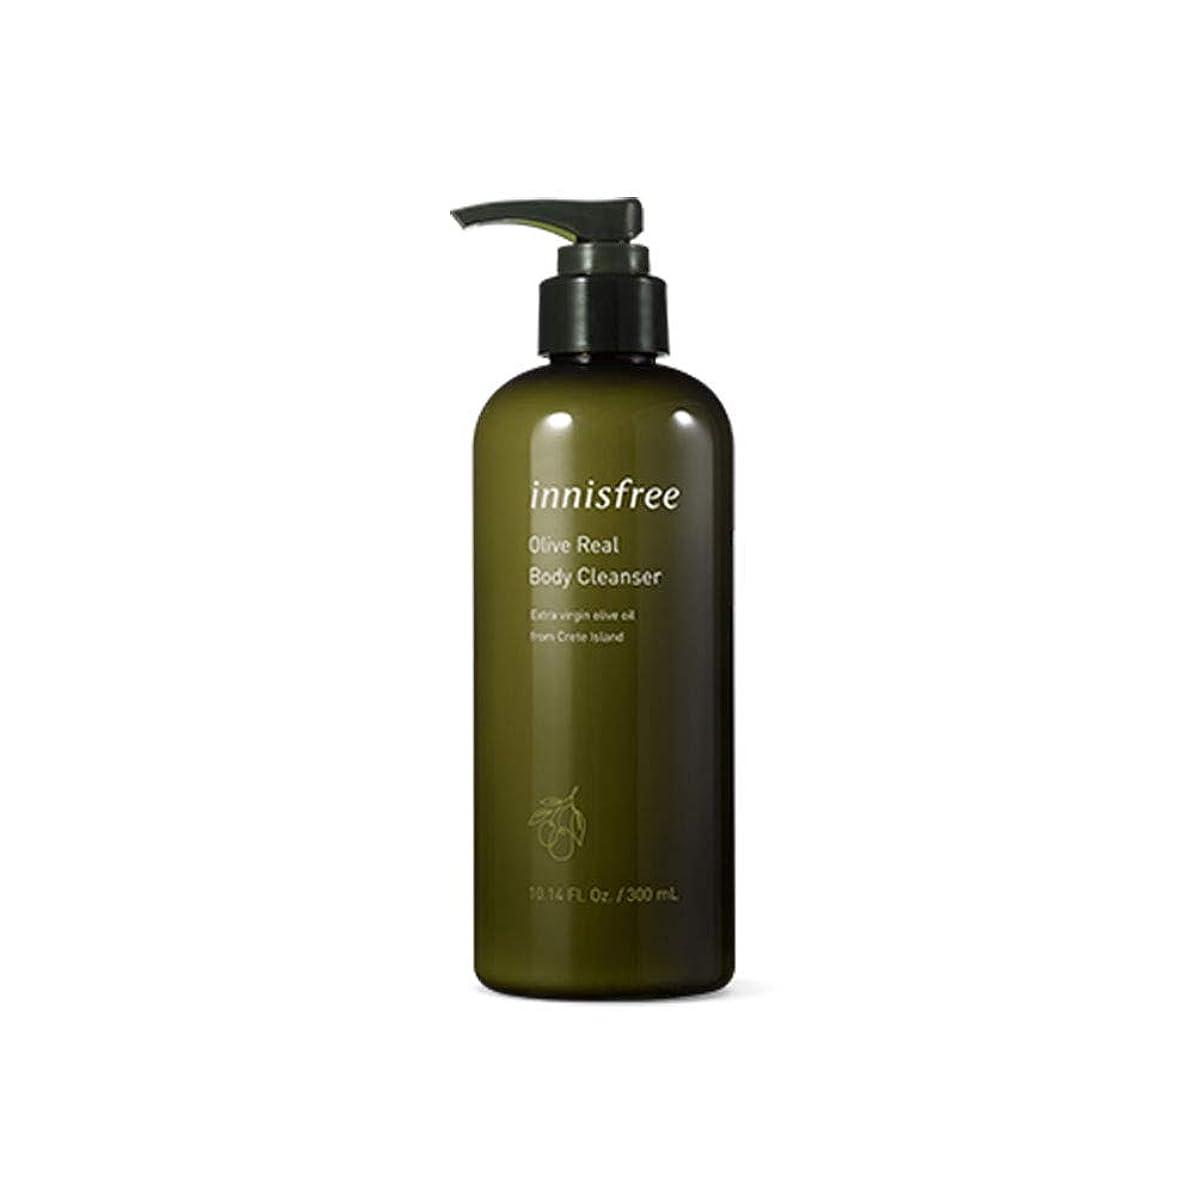 失望送信する火曜日イニスフリー Innisfree オリーブリアルボディークレンザー(300ml) Innisfree Olive Real Body Cleanser(300ml) [海外直送品]